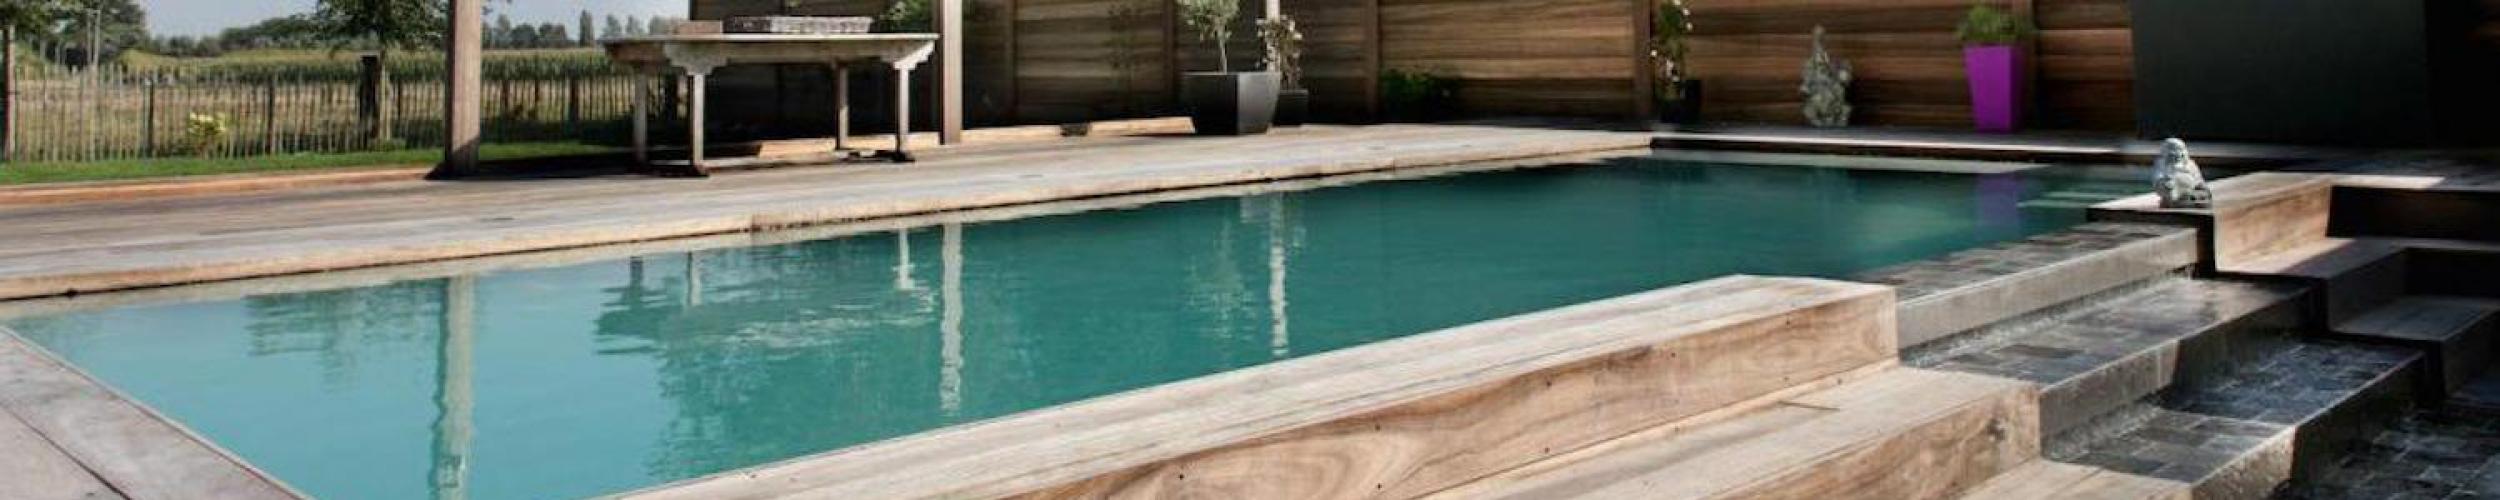 Chloorvrije zwembaden